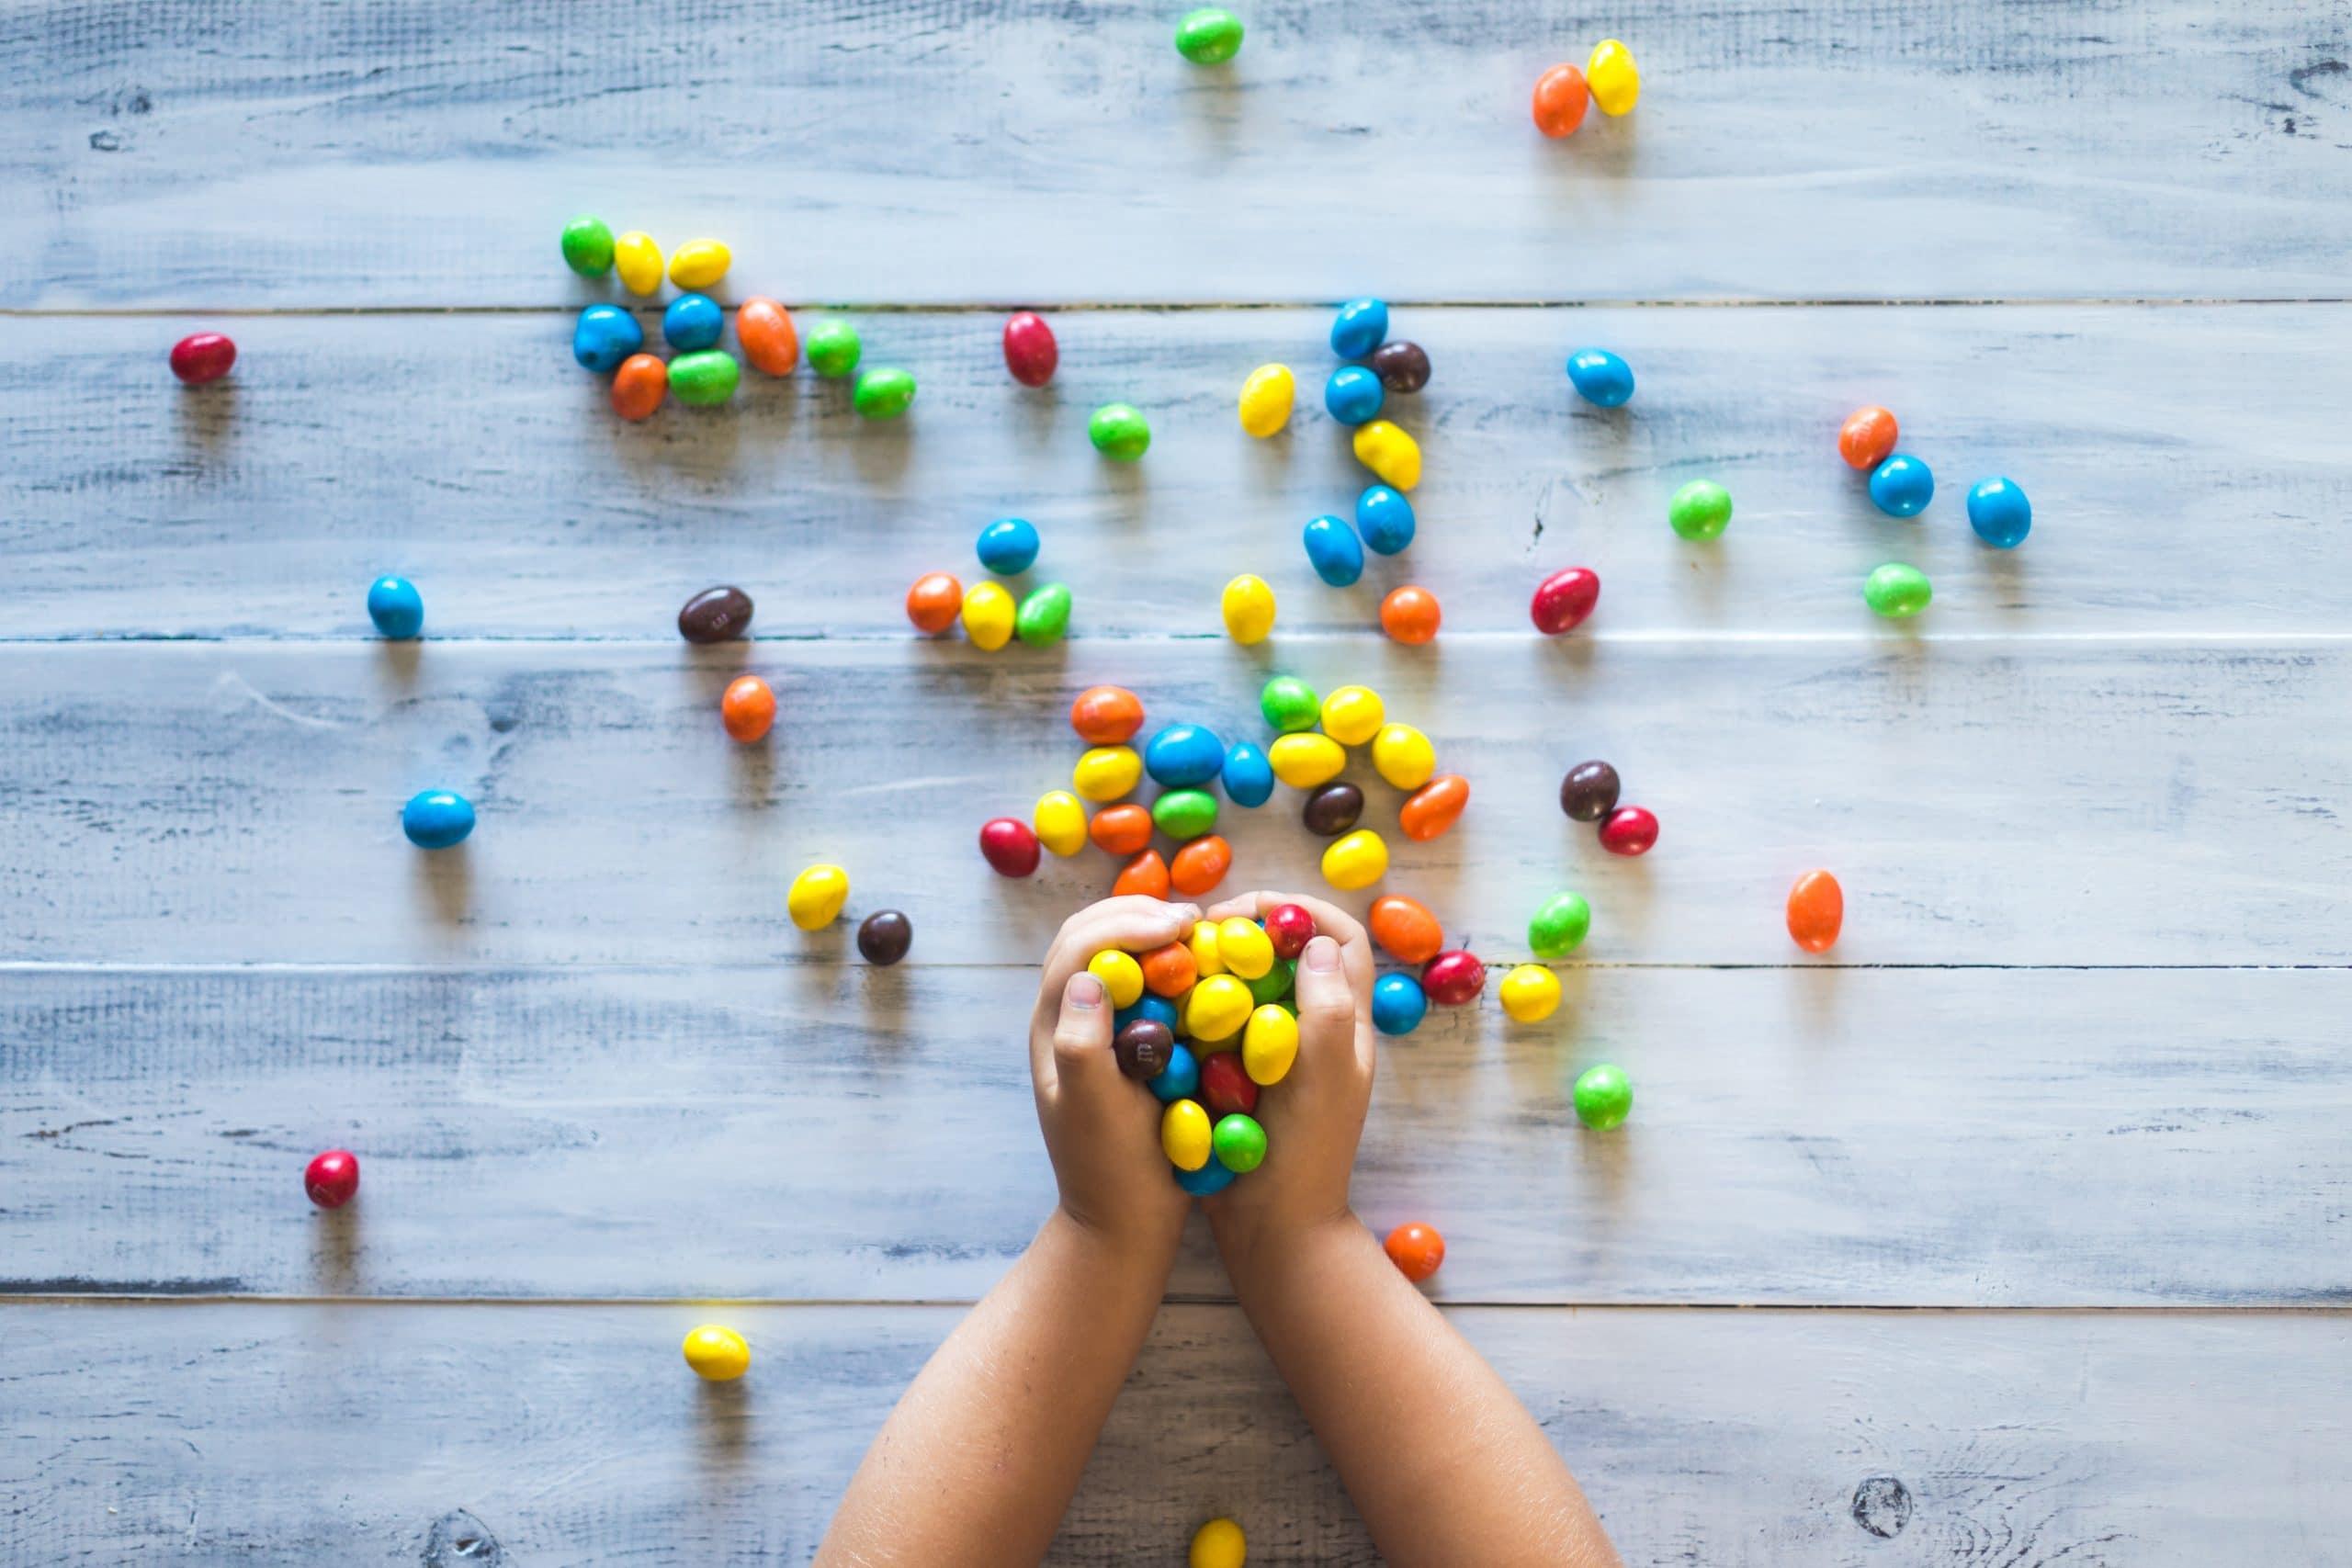 Mãos segurando um punhado de dos coloridos. Há alguns desses doces espalhados pela mesa de madeira que há abaixo das mãos.